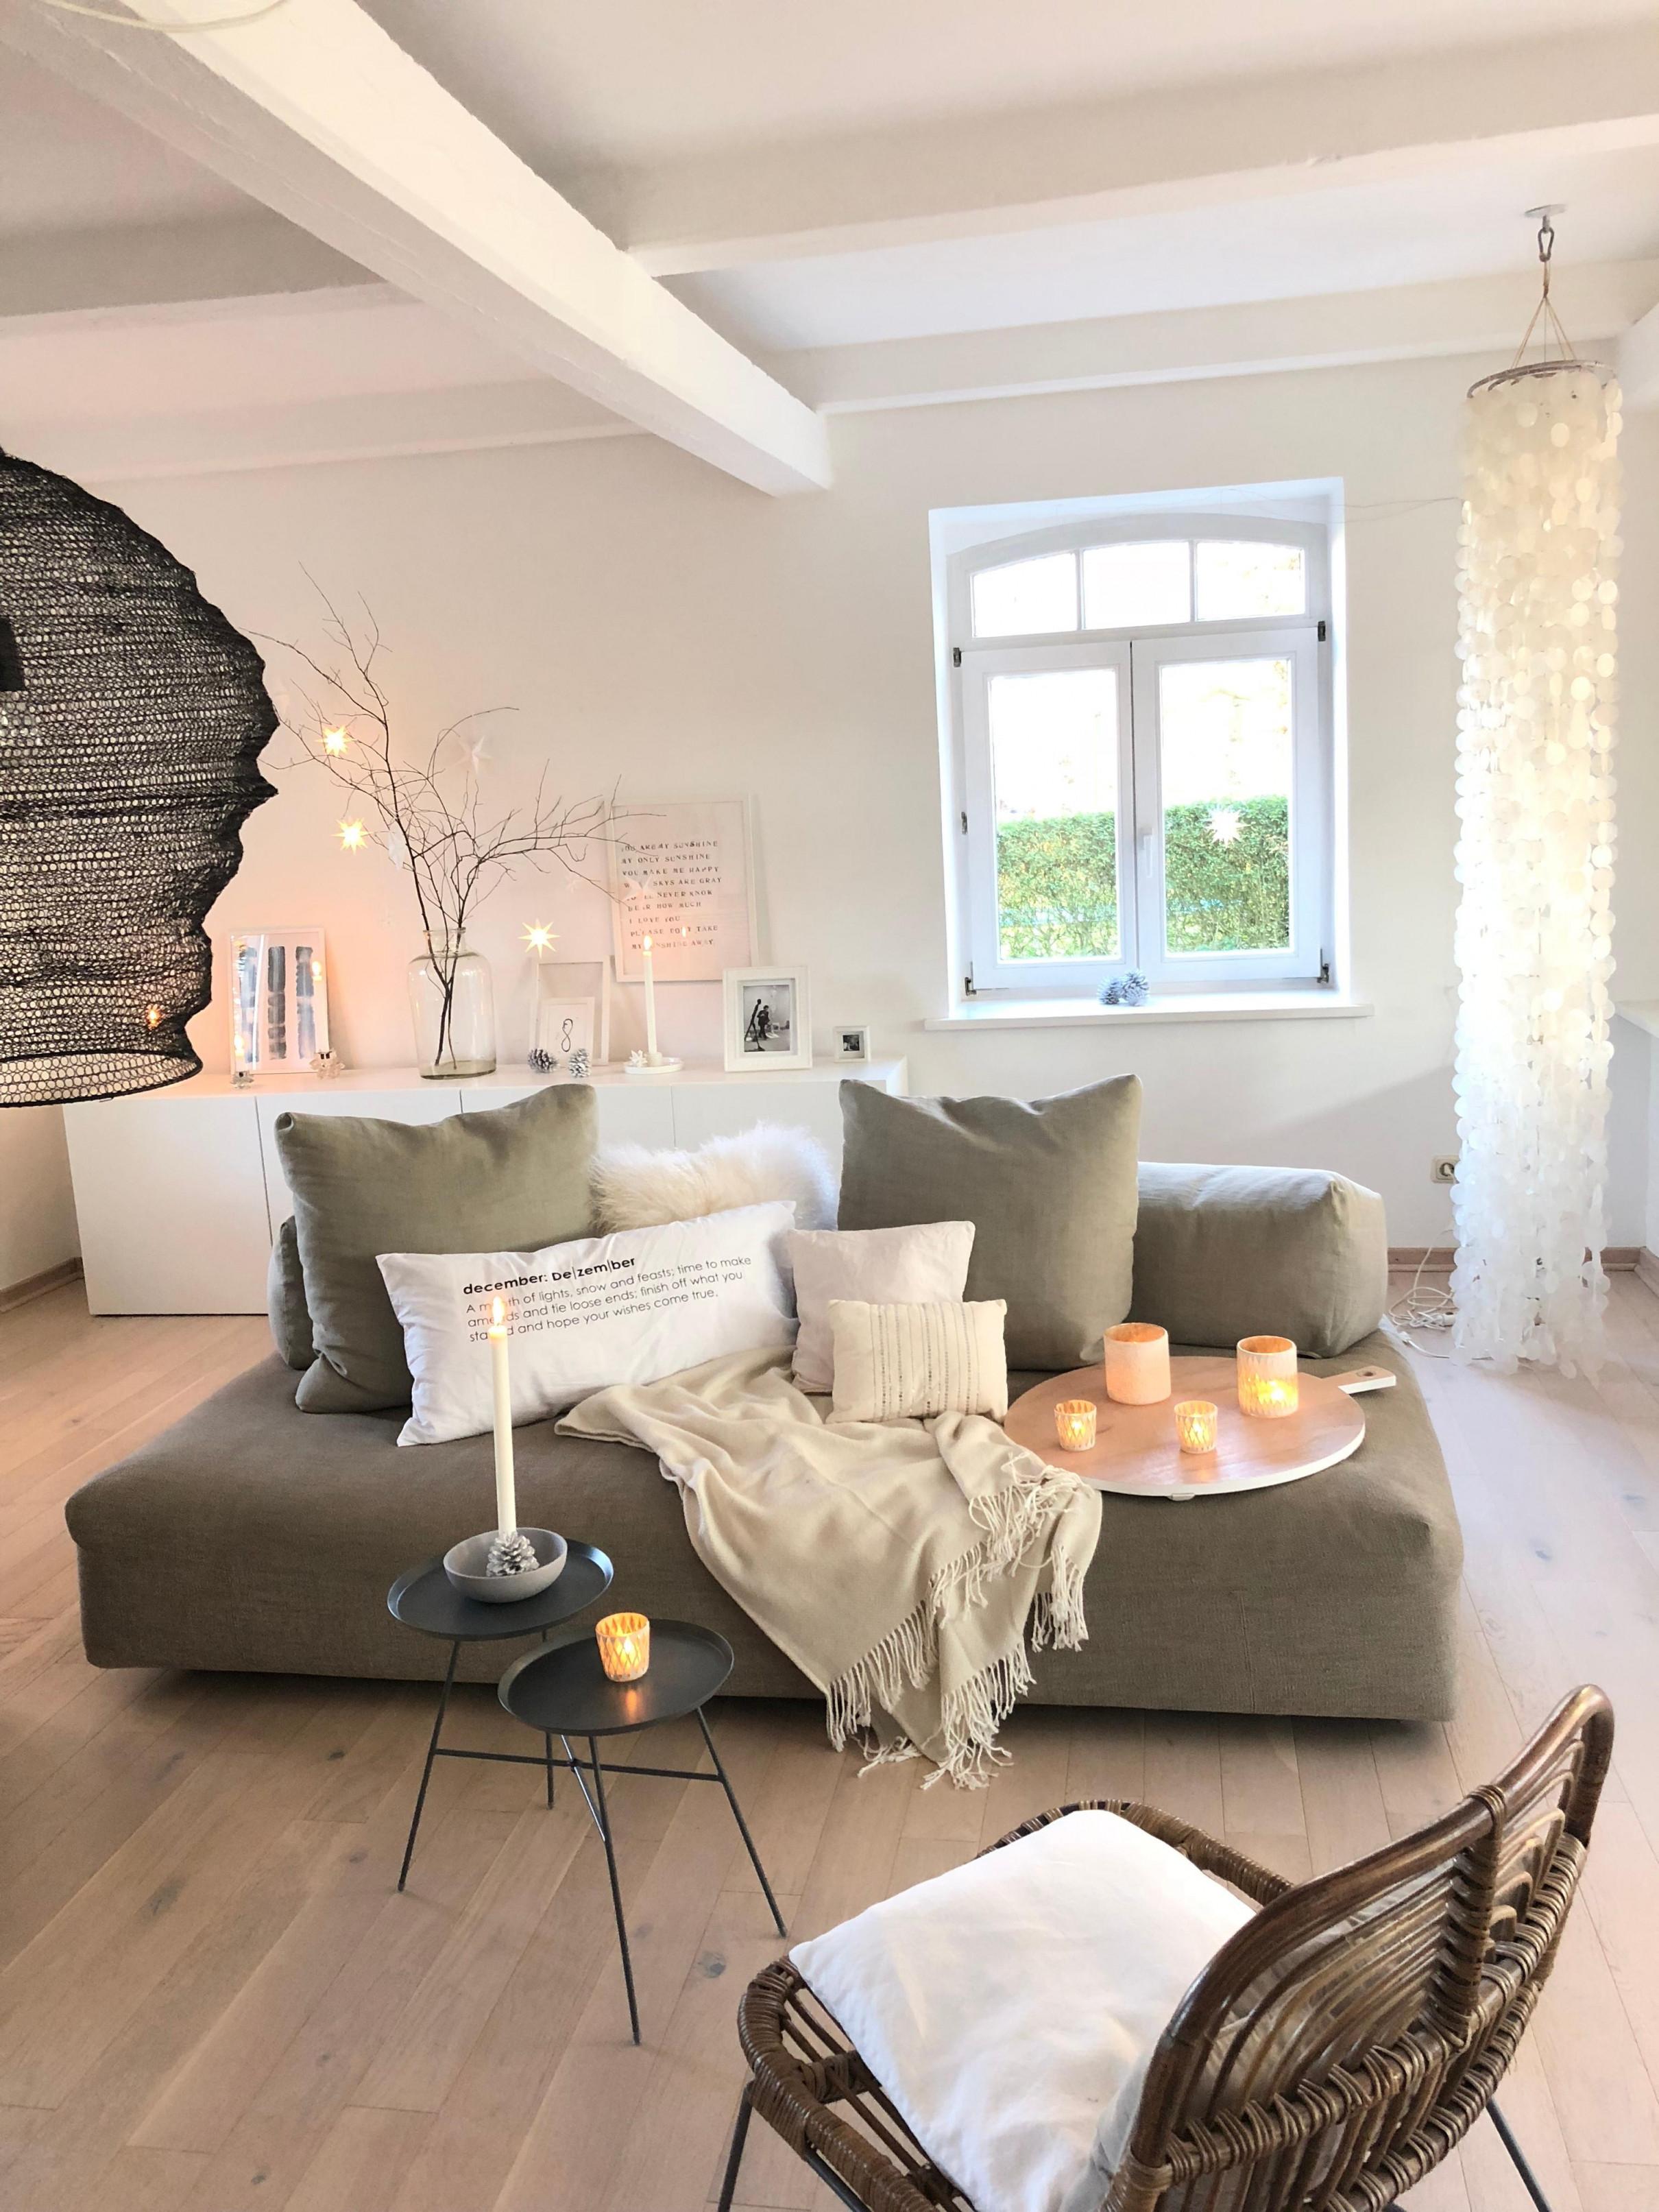 Minimalistisch Wohnen • Bilder  Ideen • Couch von Wohnzimmer Ideen Minimalistisch Bild